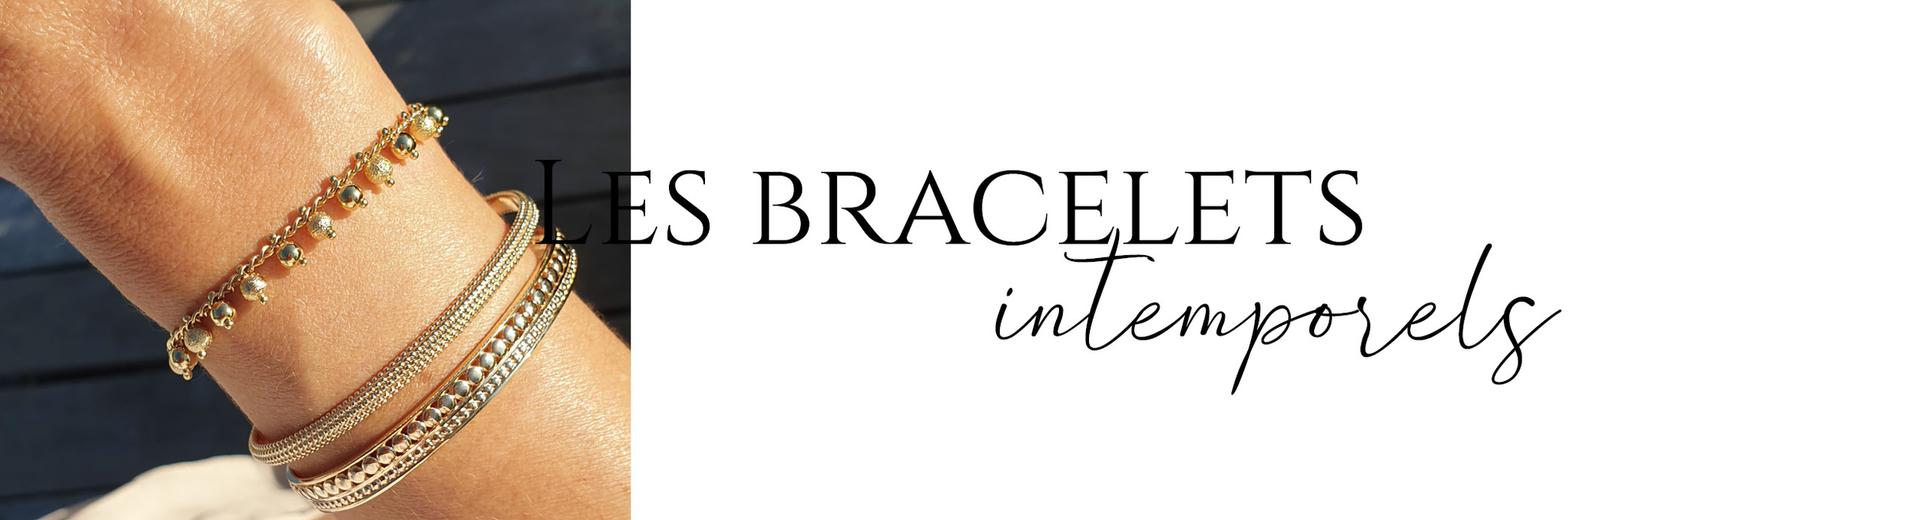 categorie BR intemporels